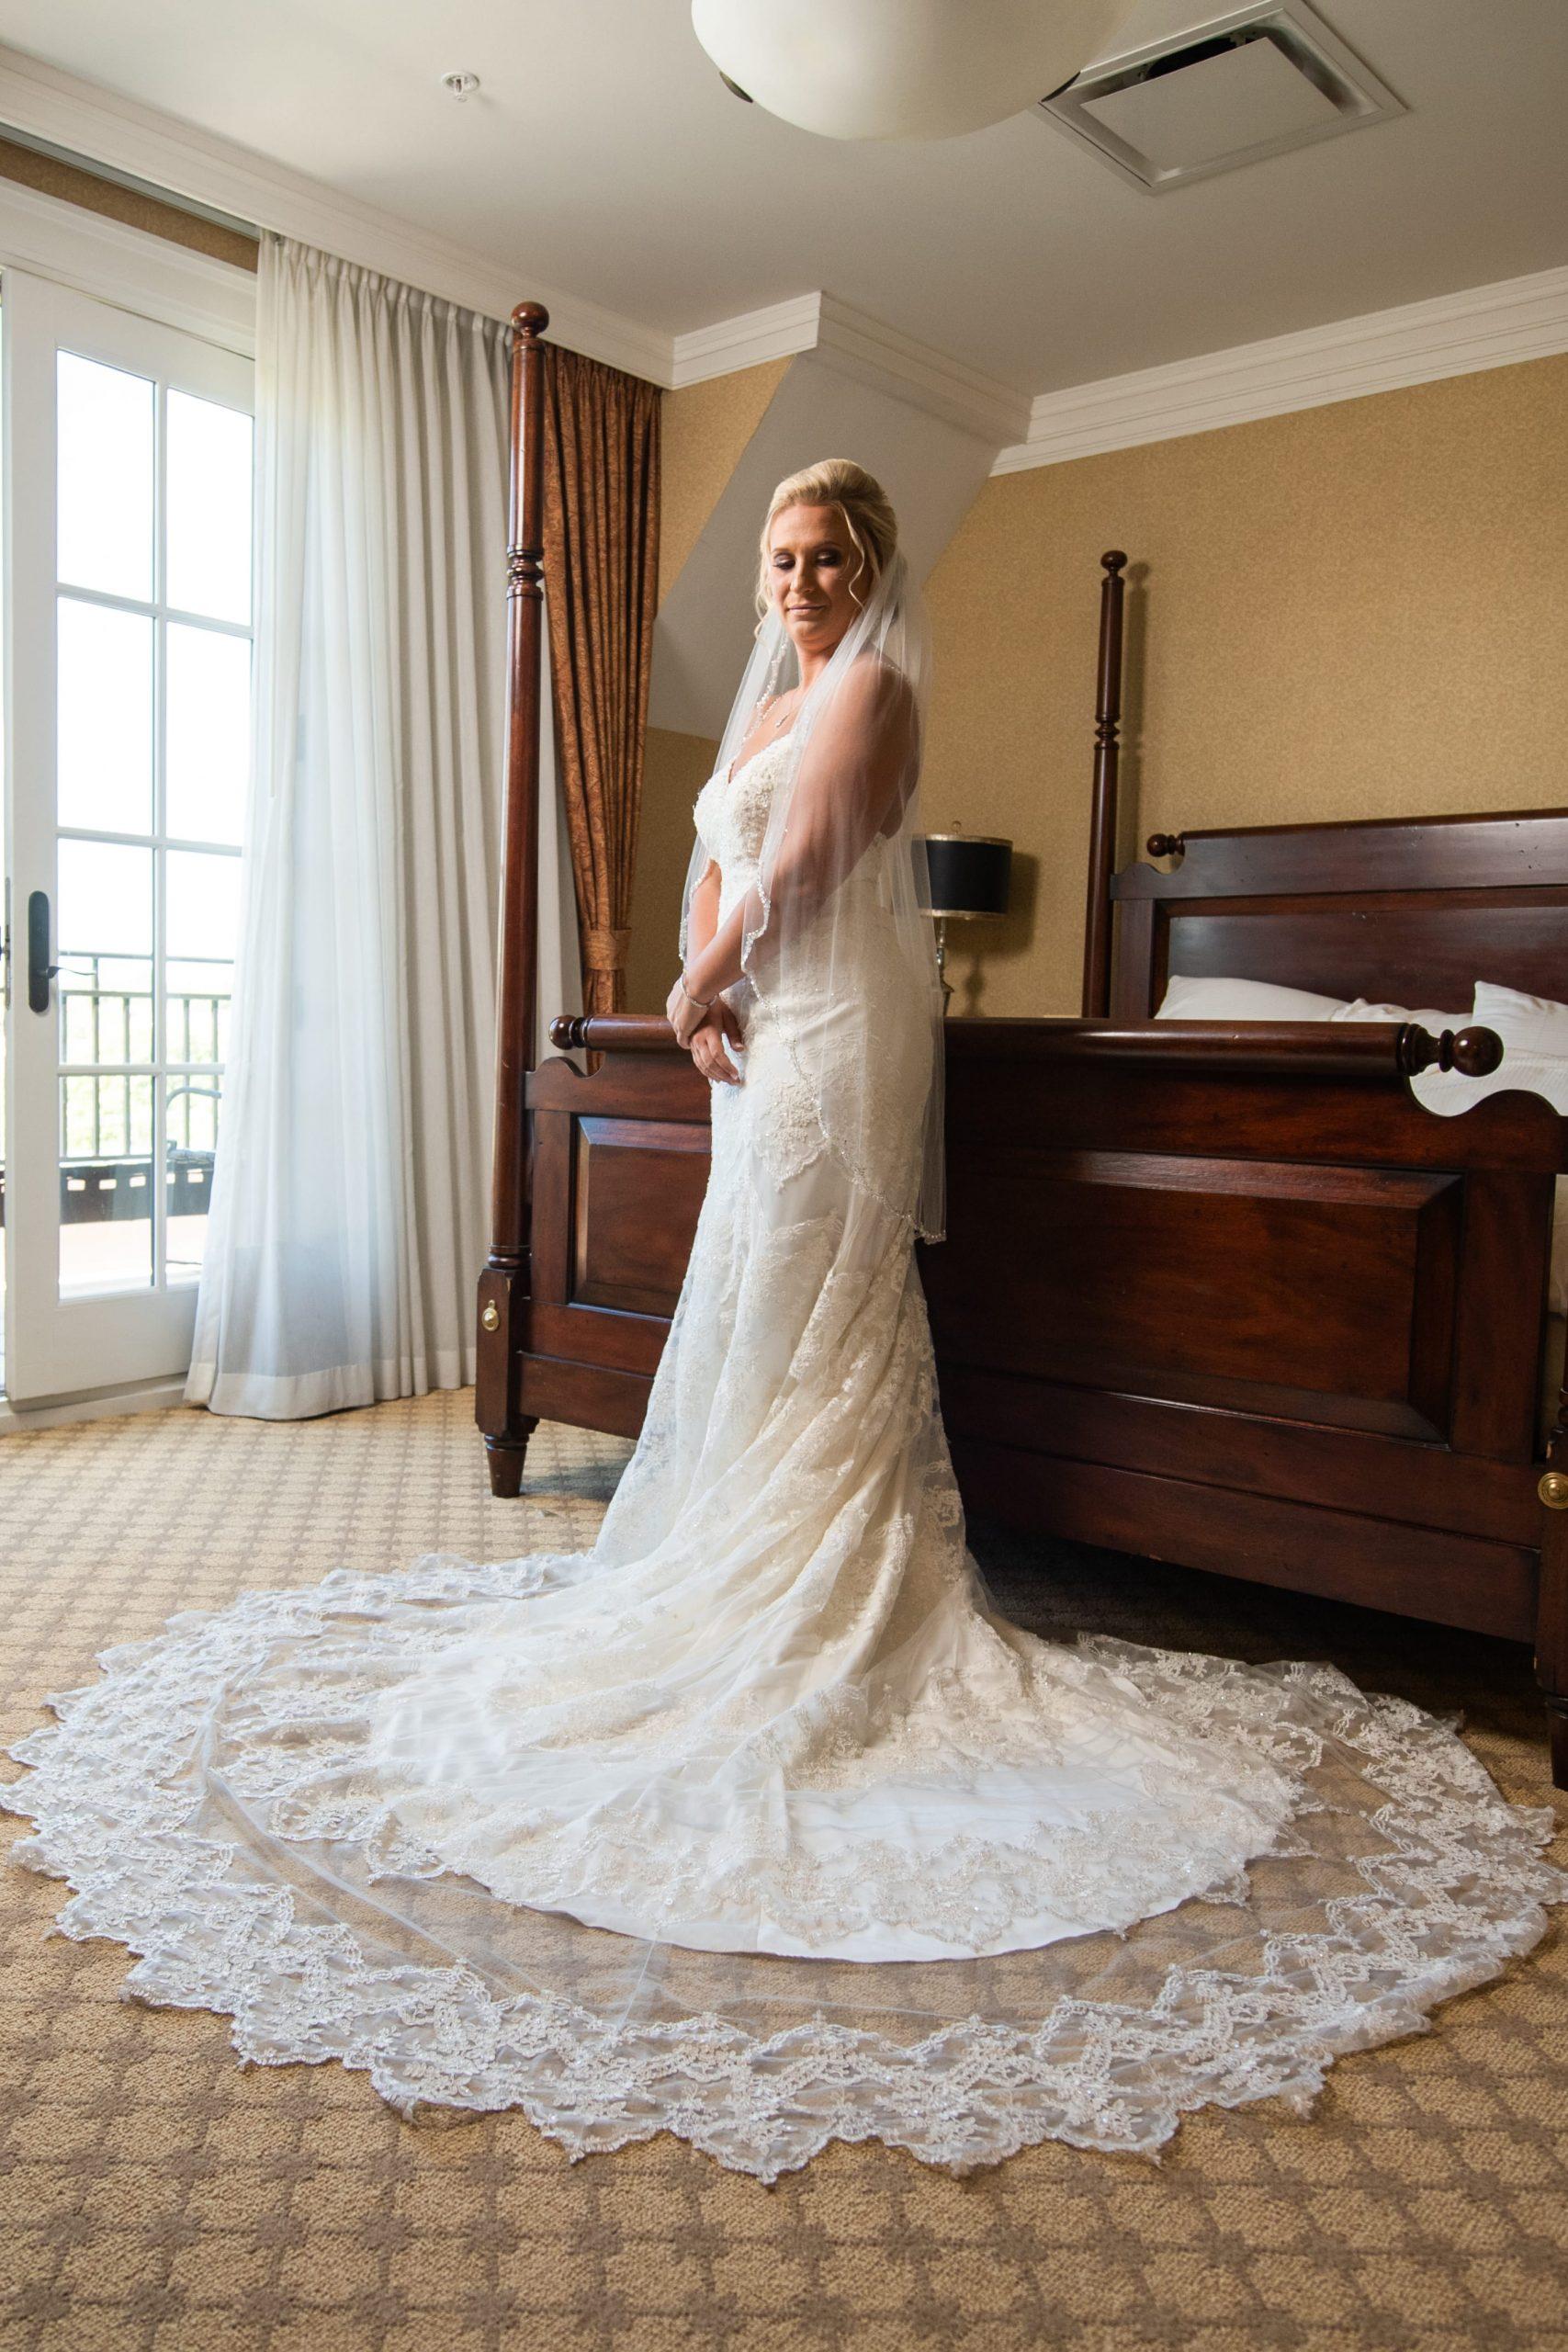 bride pre-ceremony showing dress details